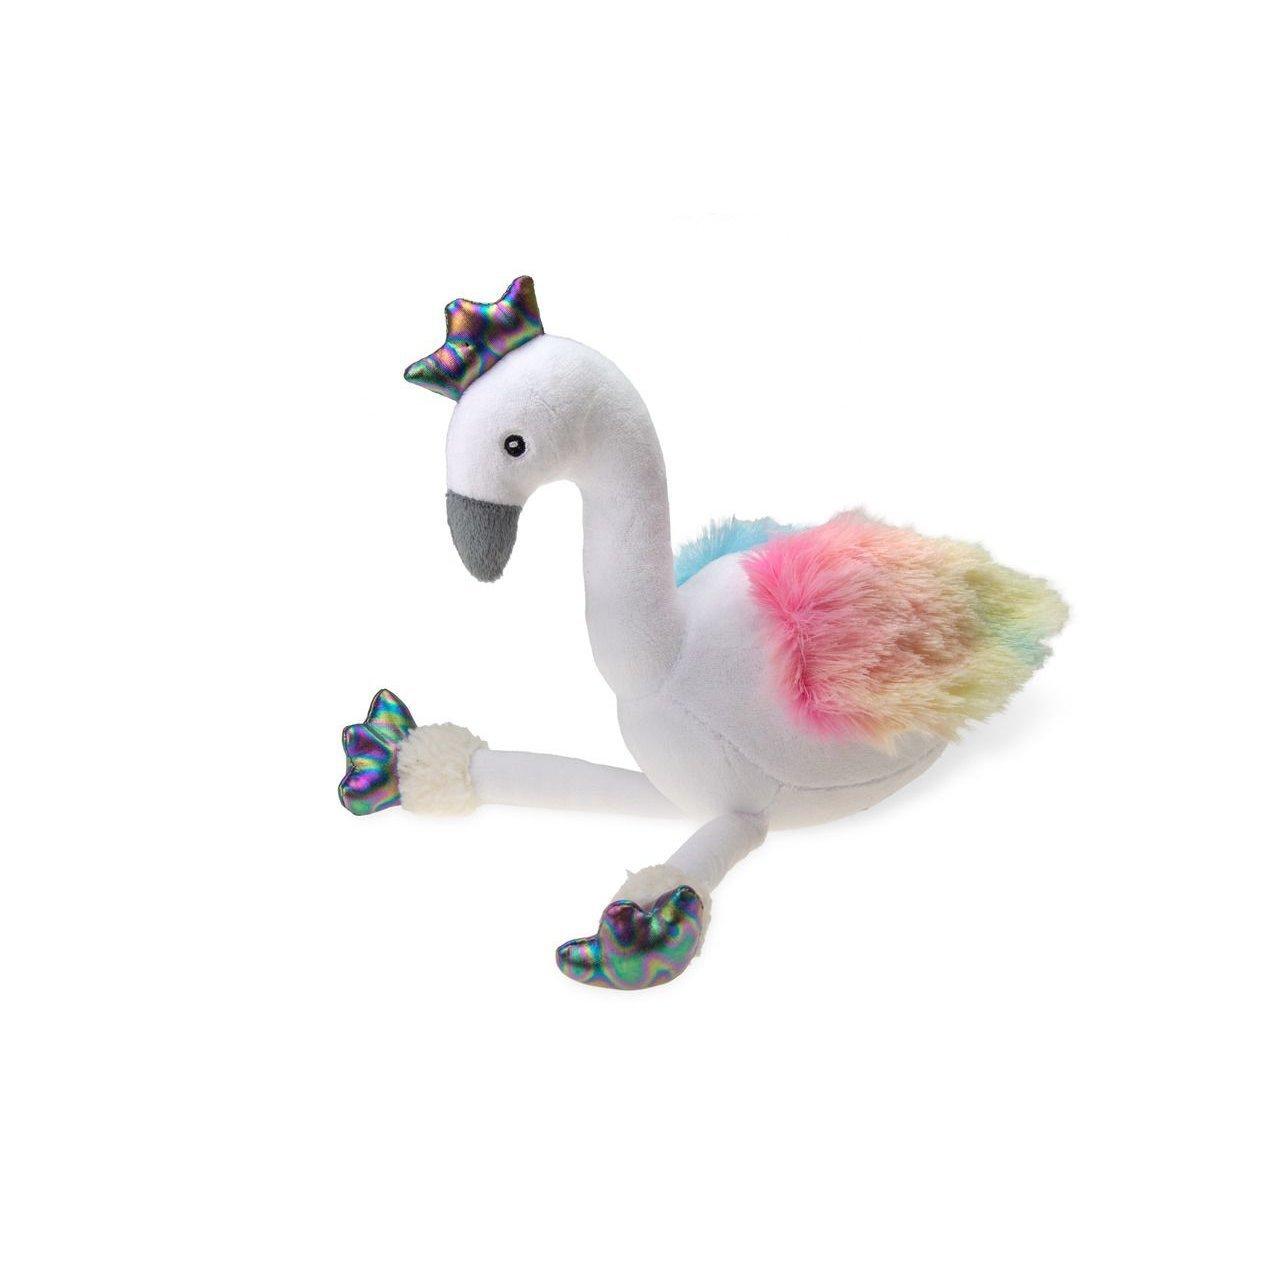 Karlie Hundespielzeug in Regenbogenfarben, Flamingo - 33 x 18 x 20 cm - bunt